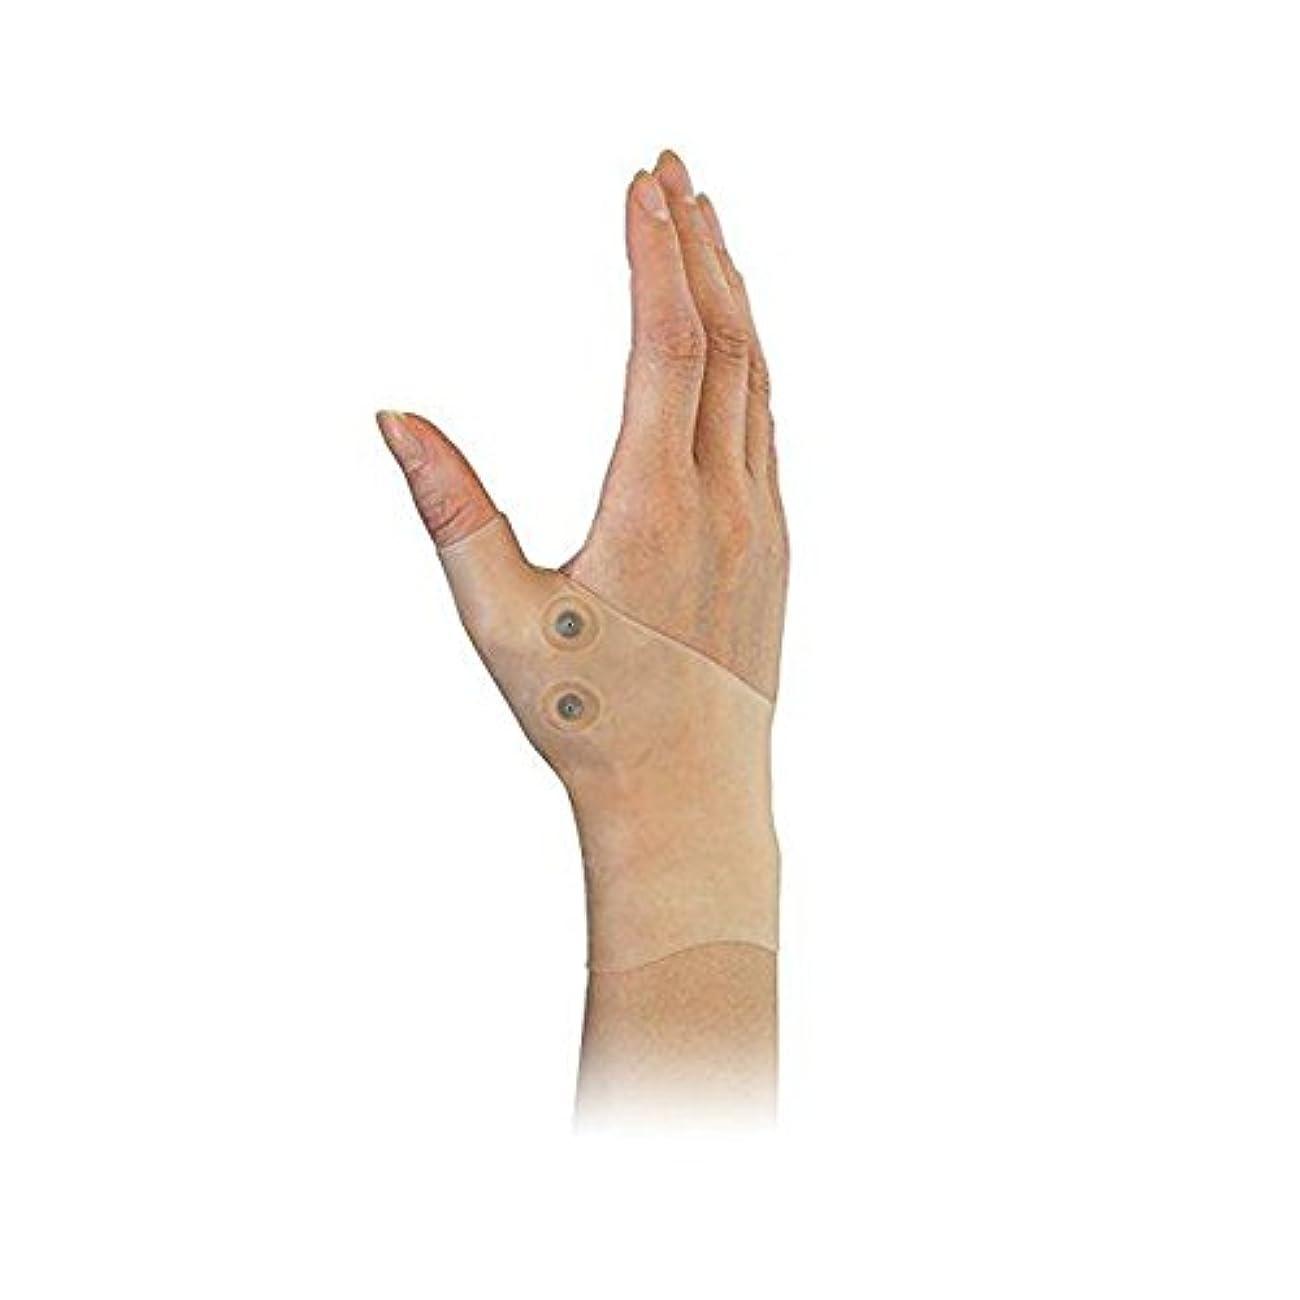 テンポ地雷原解釈的DOMO 親指サポーター 手首サポーター 肌の色合い 磁気療法 シリコーン素材 手首ブレース 保護 弾性 洗える 捻挫 腱鞘炎 タイピング 手首と親指の痛み リウマチ 関節炎用 男女兼用